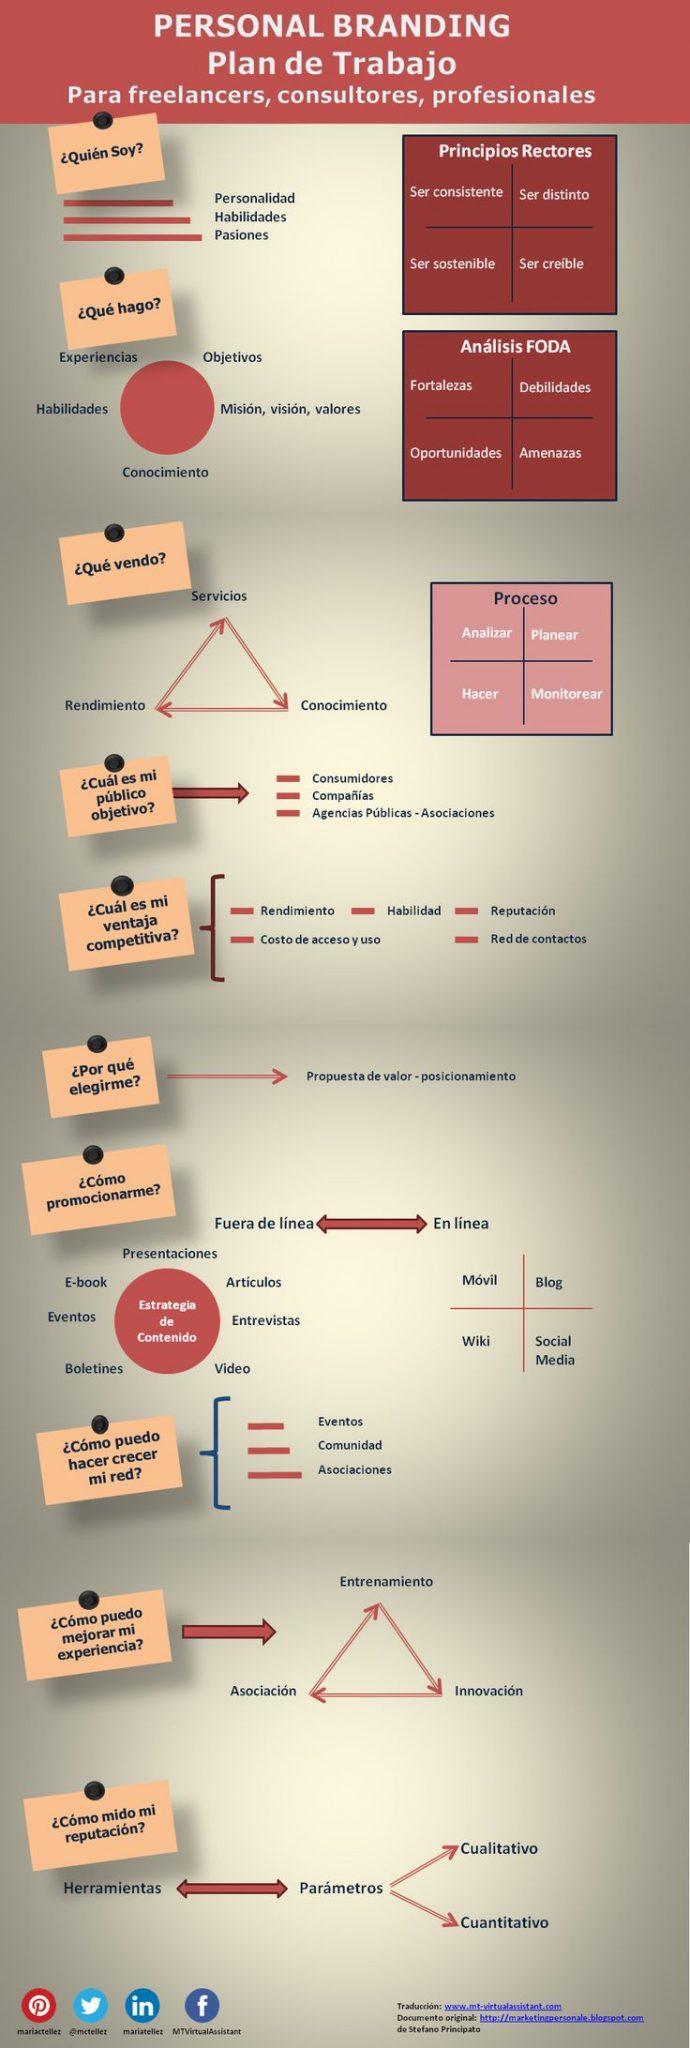 Tips para crear tu marca profesional o Branding